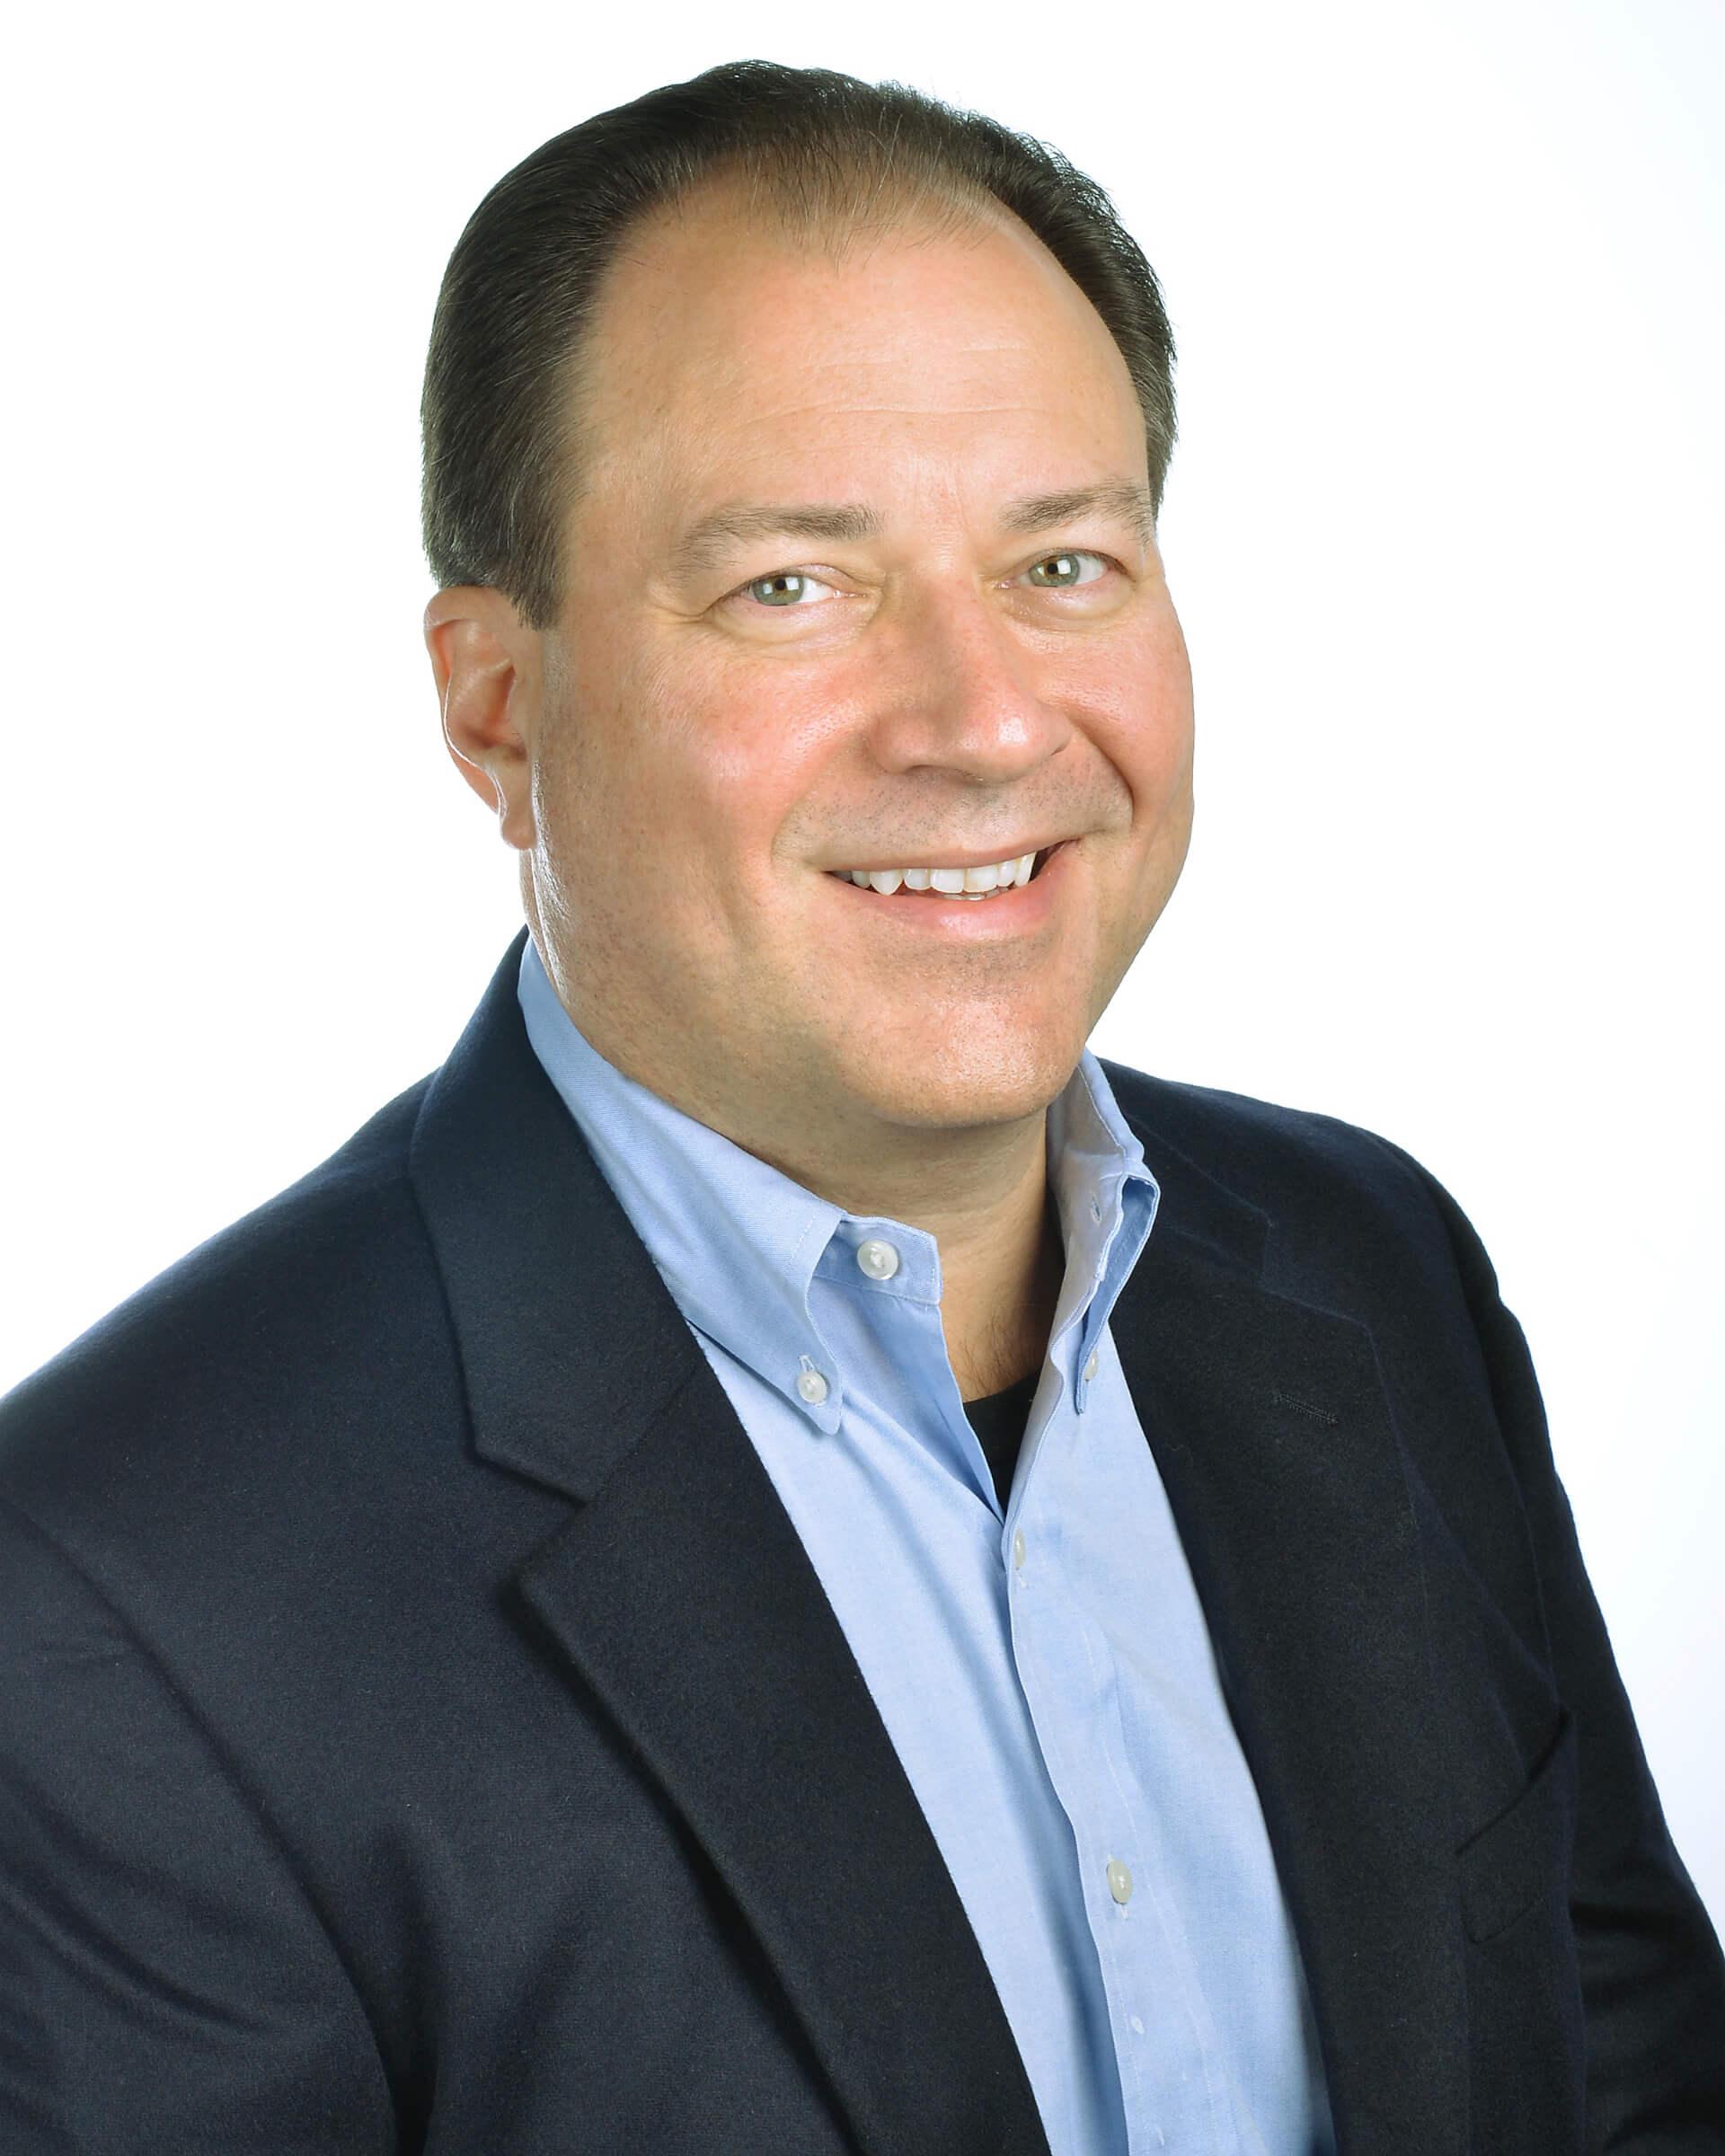 Kevin Kays Headshot